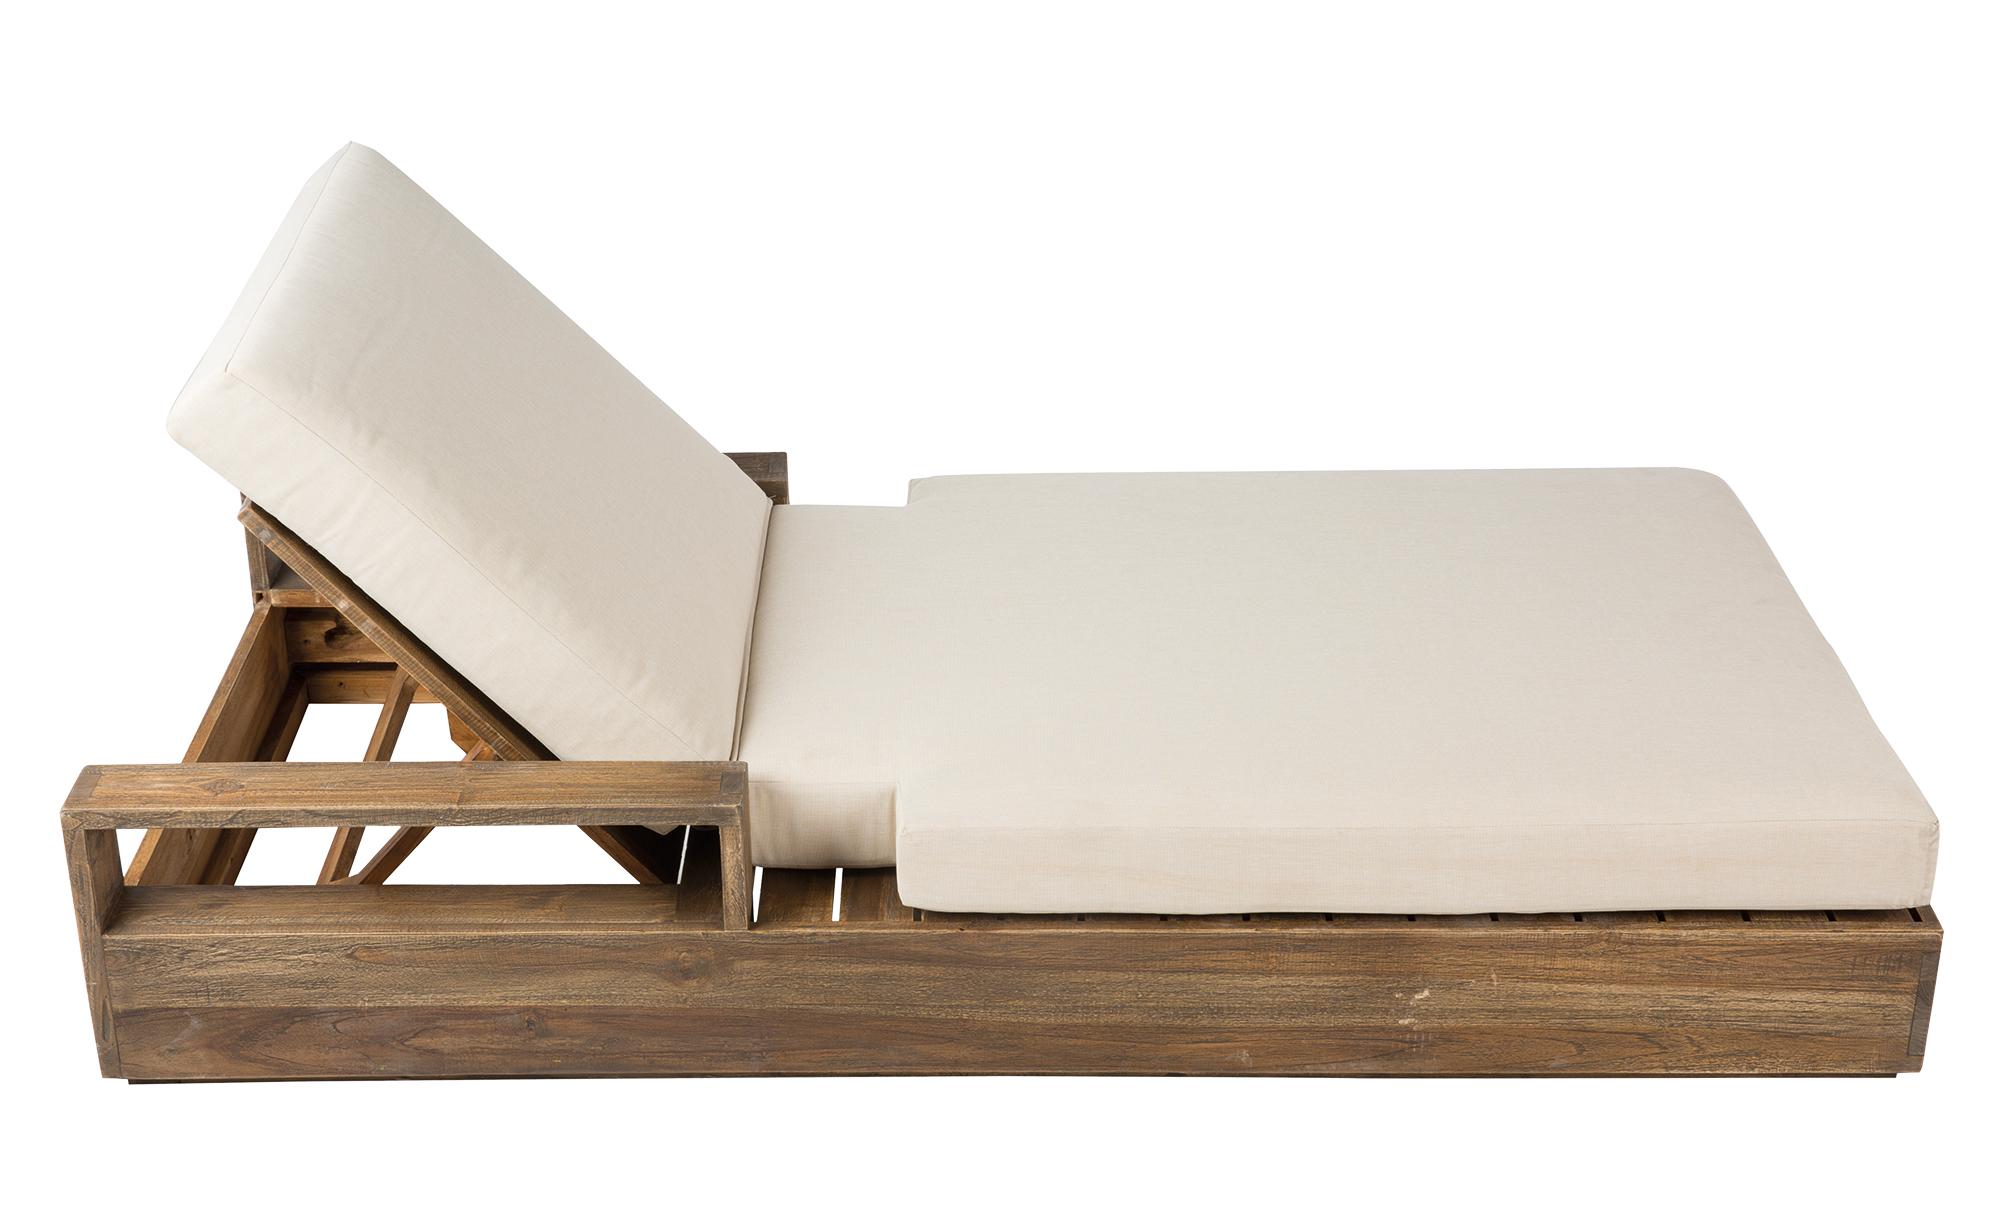 59 fotos de tumbonas for Colchoneta sofa exterior